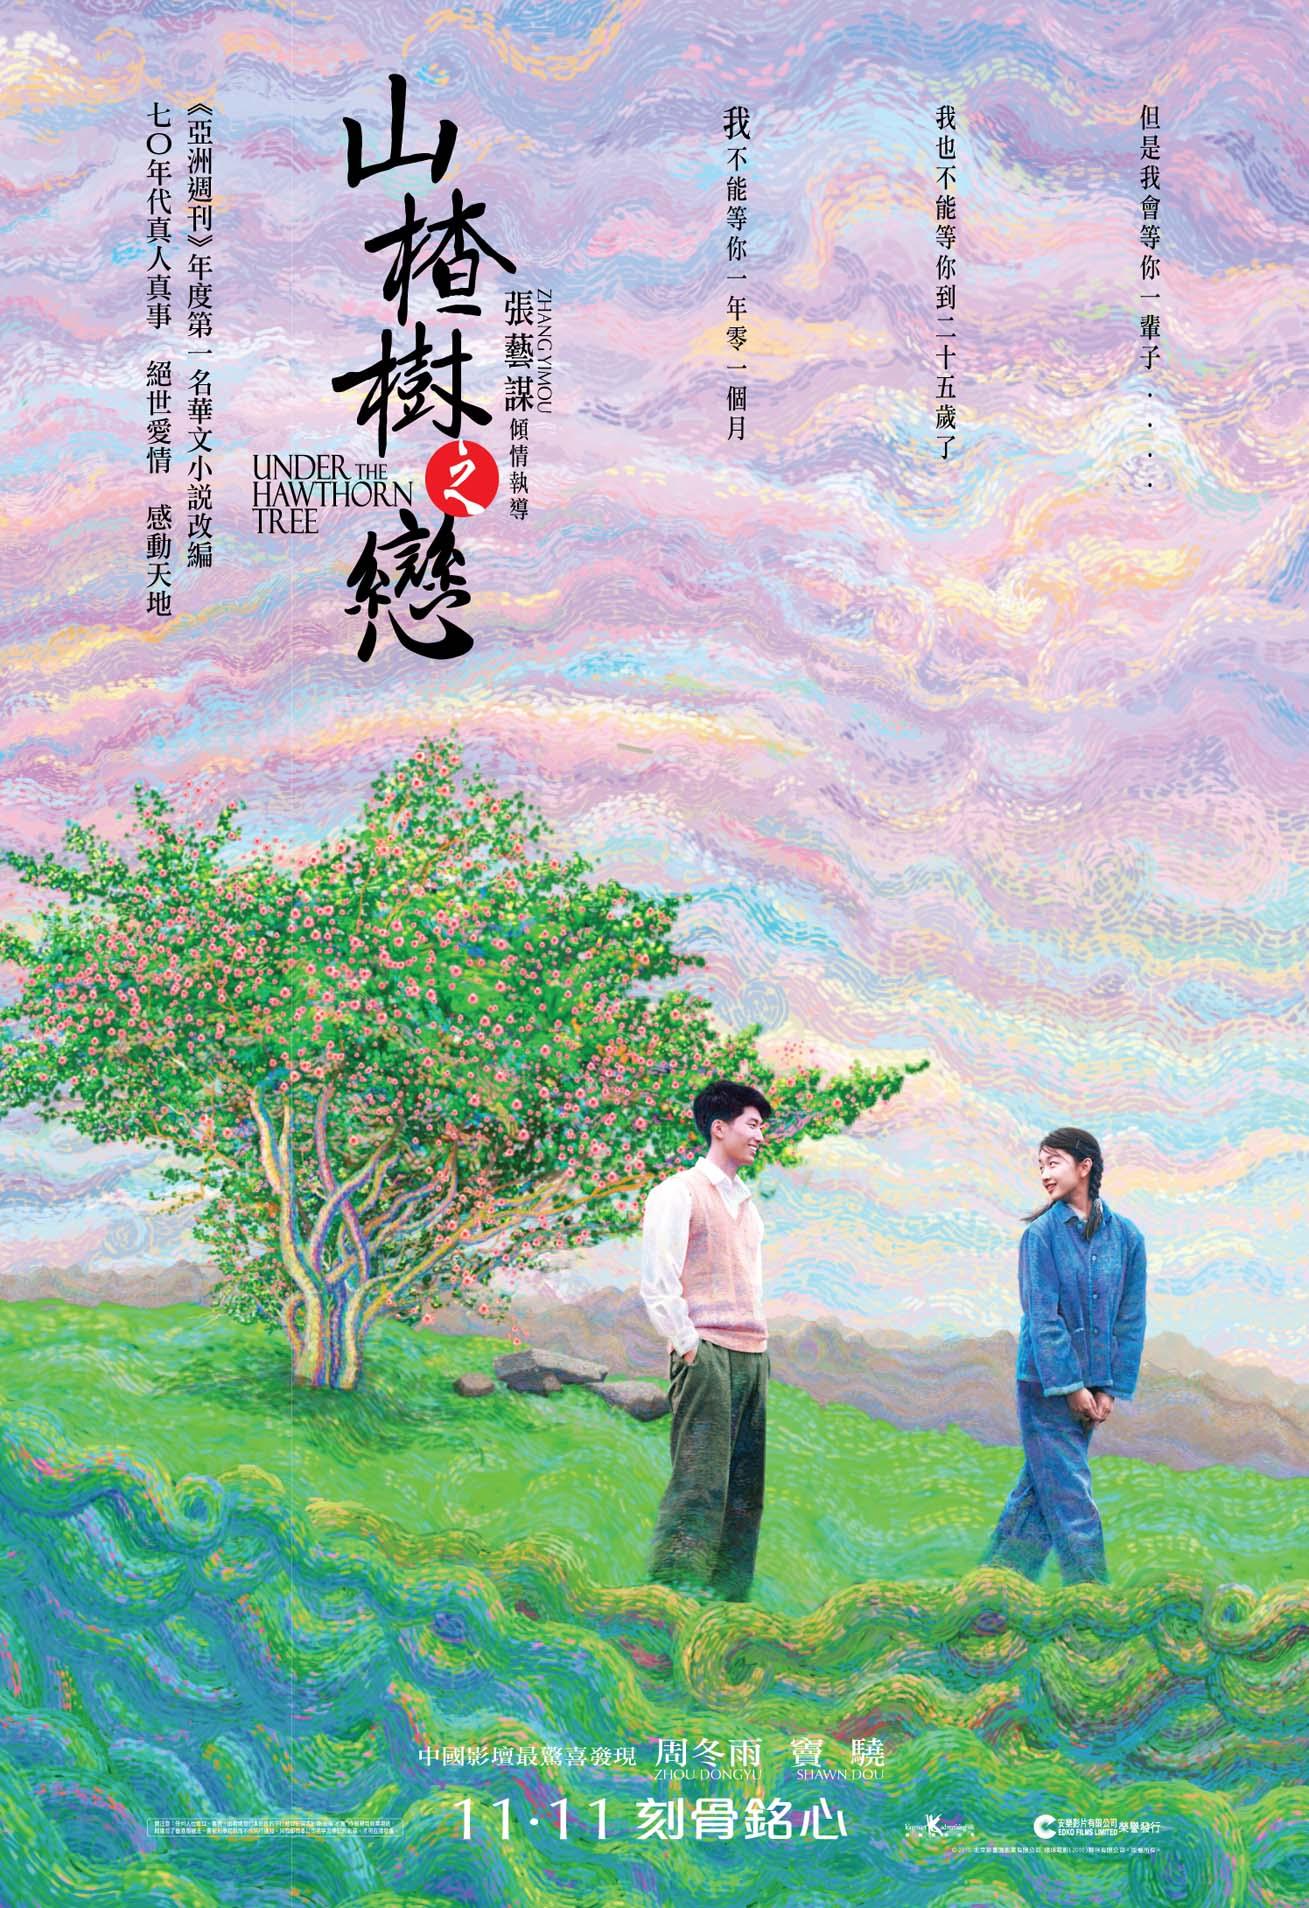 2010 中国《山楂树之恋》绝世爱情,感动天地